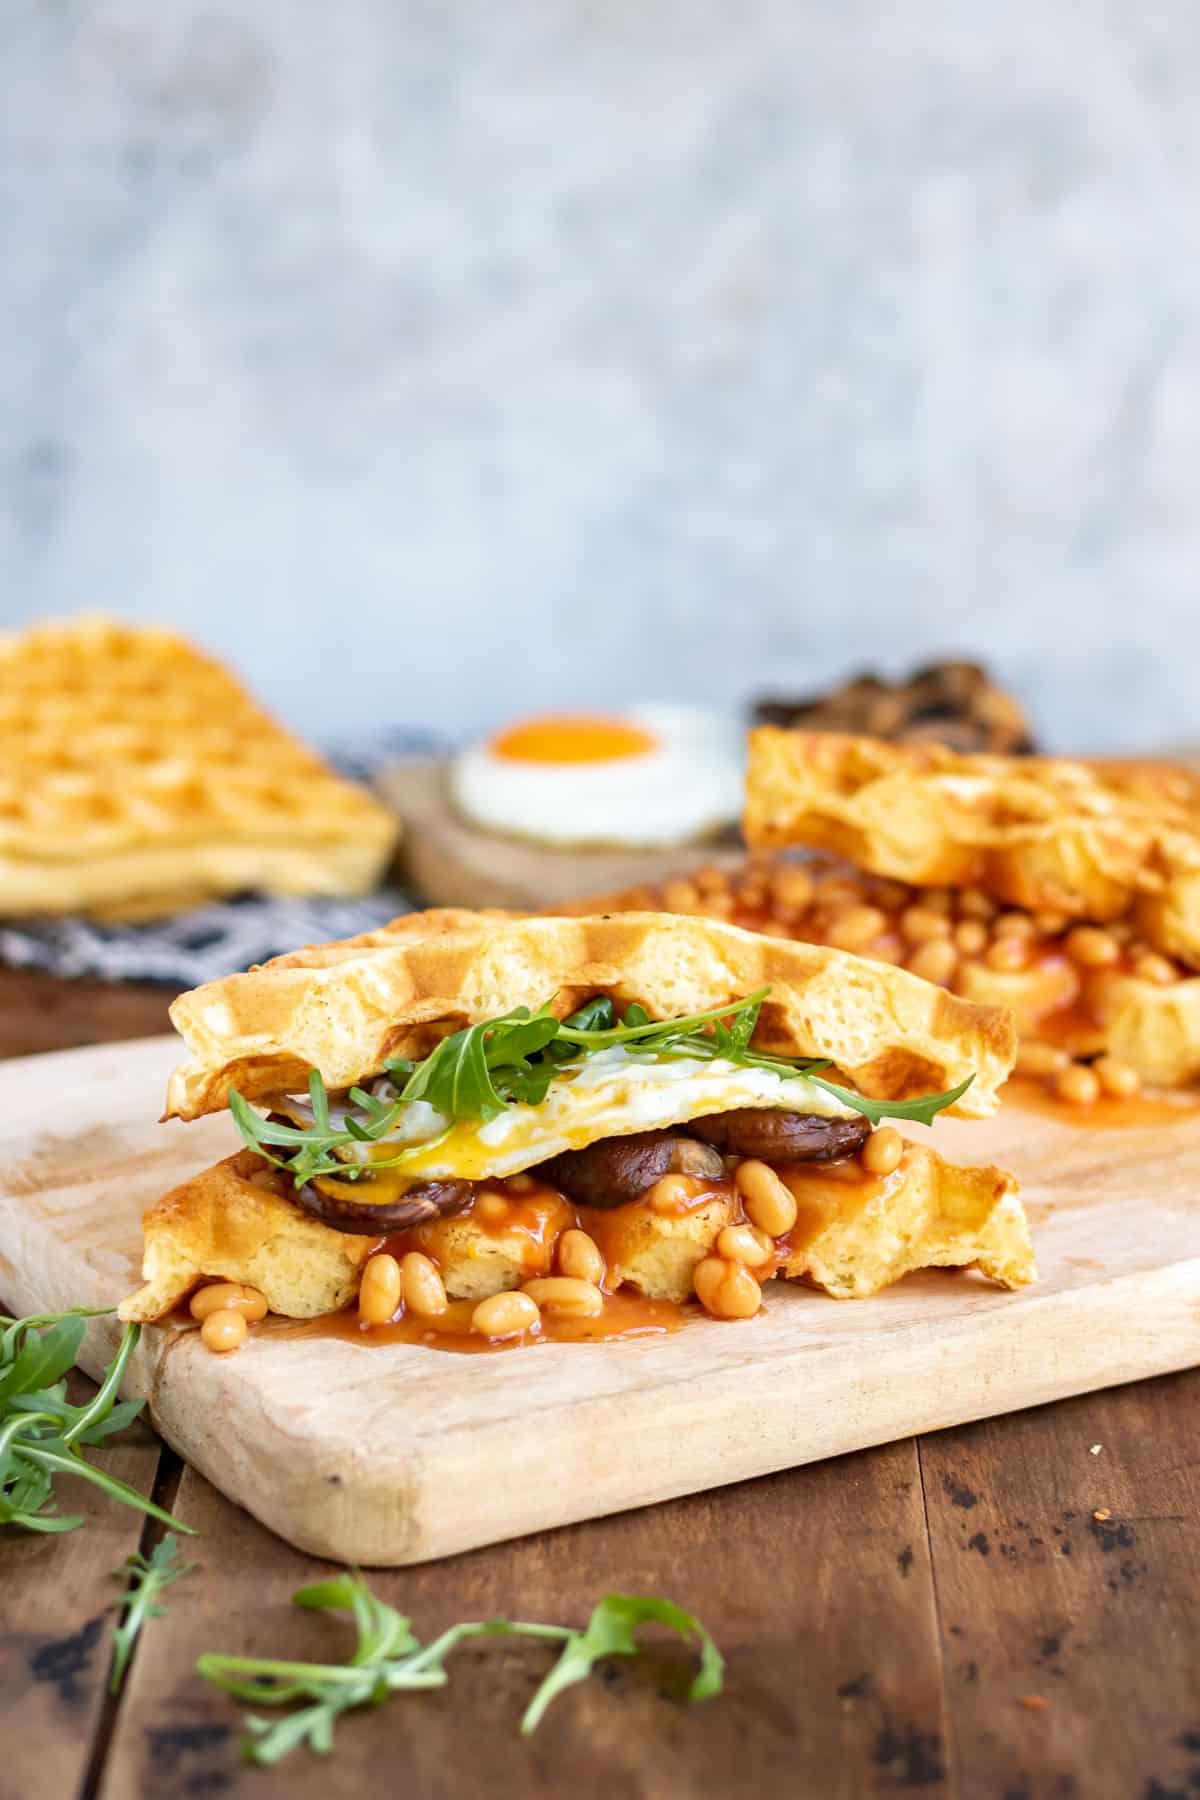 Waffles full of breakfast foods like a sandwich.